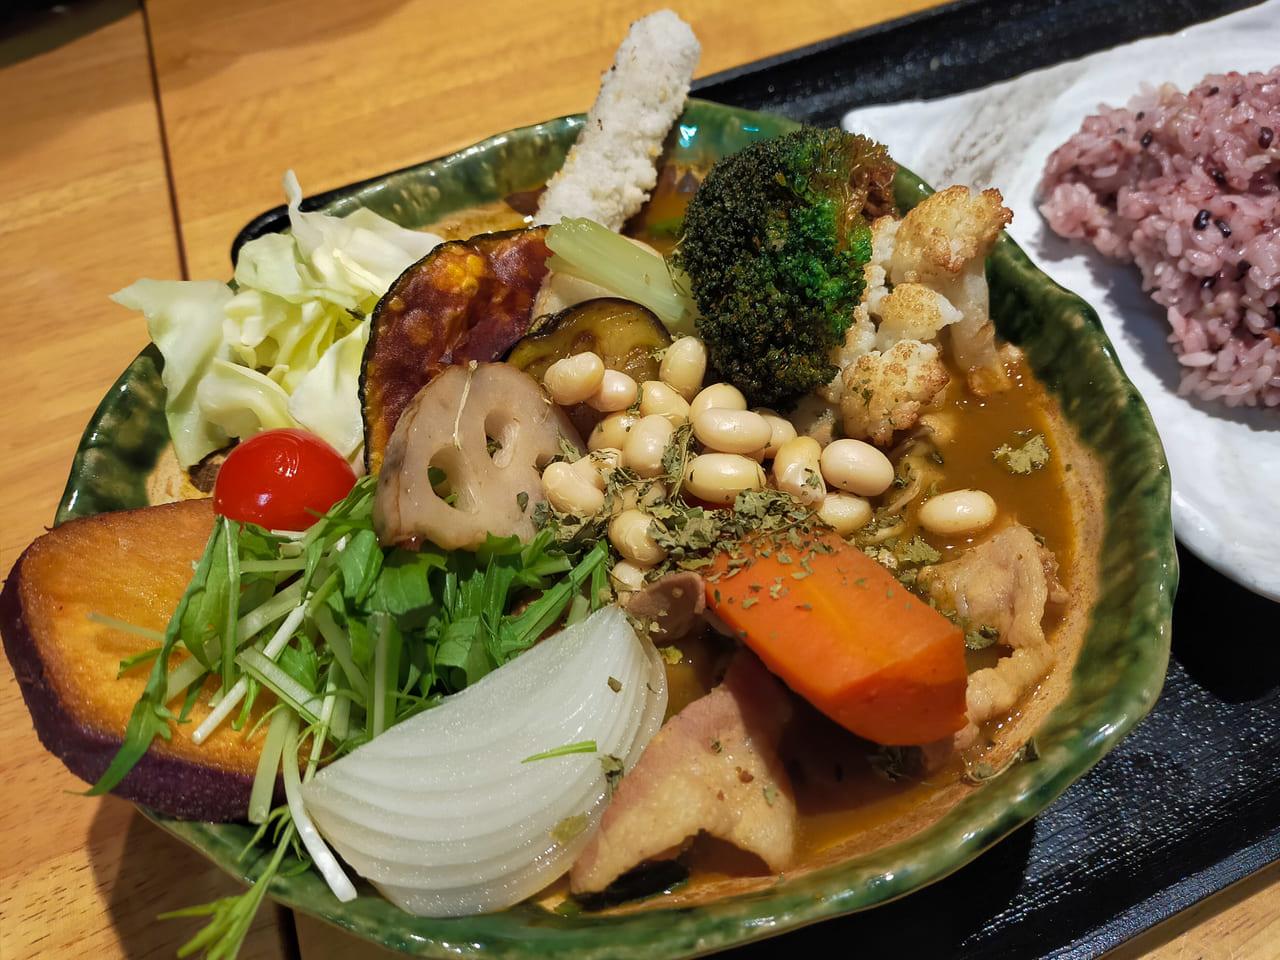 湘南産のものを中心に20品目の野菜がたっぷりトッピングされたヘルシーなスープカレーが絶品の「湘南スープカレー海月kurage」